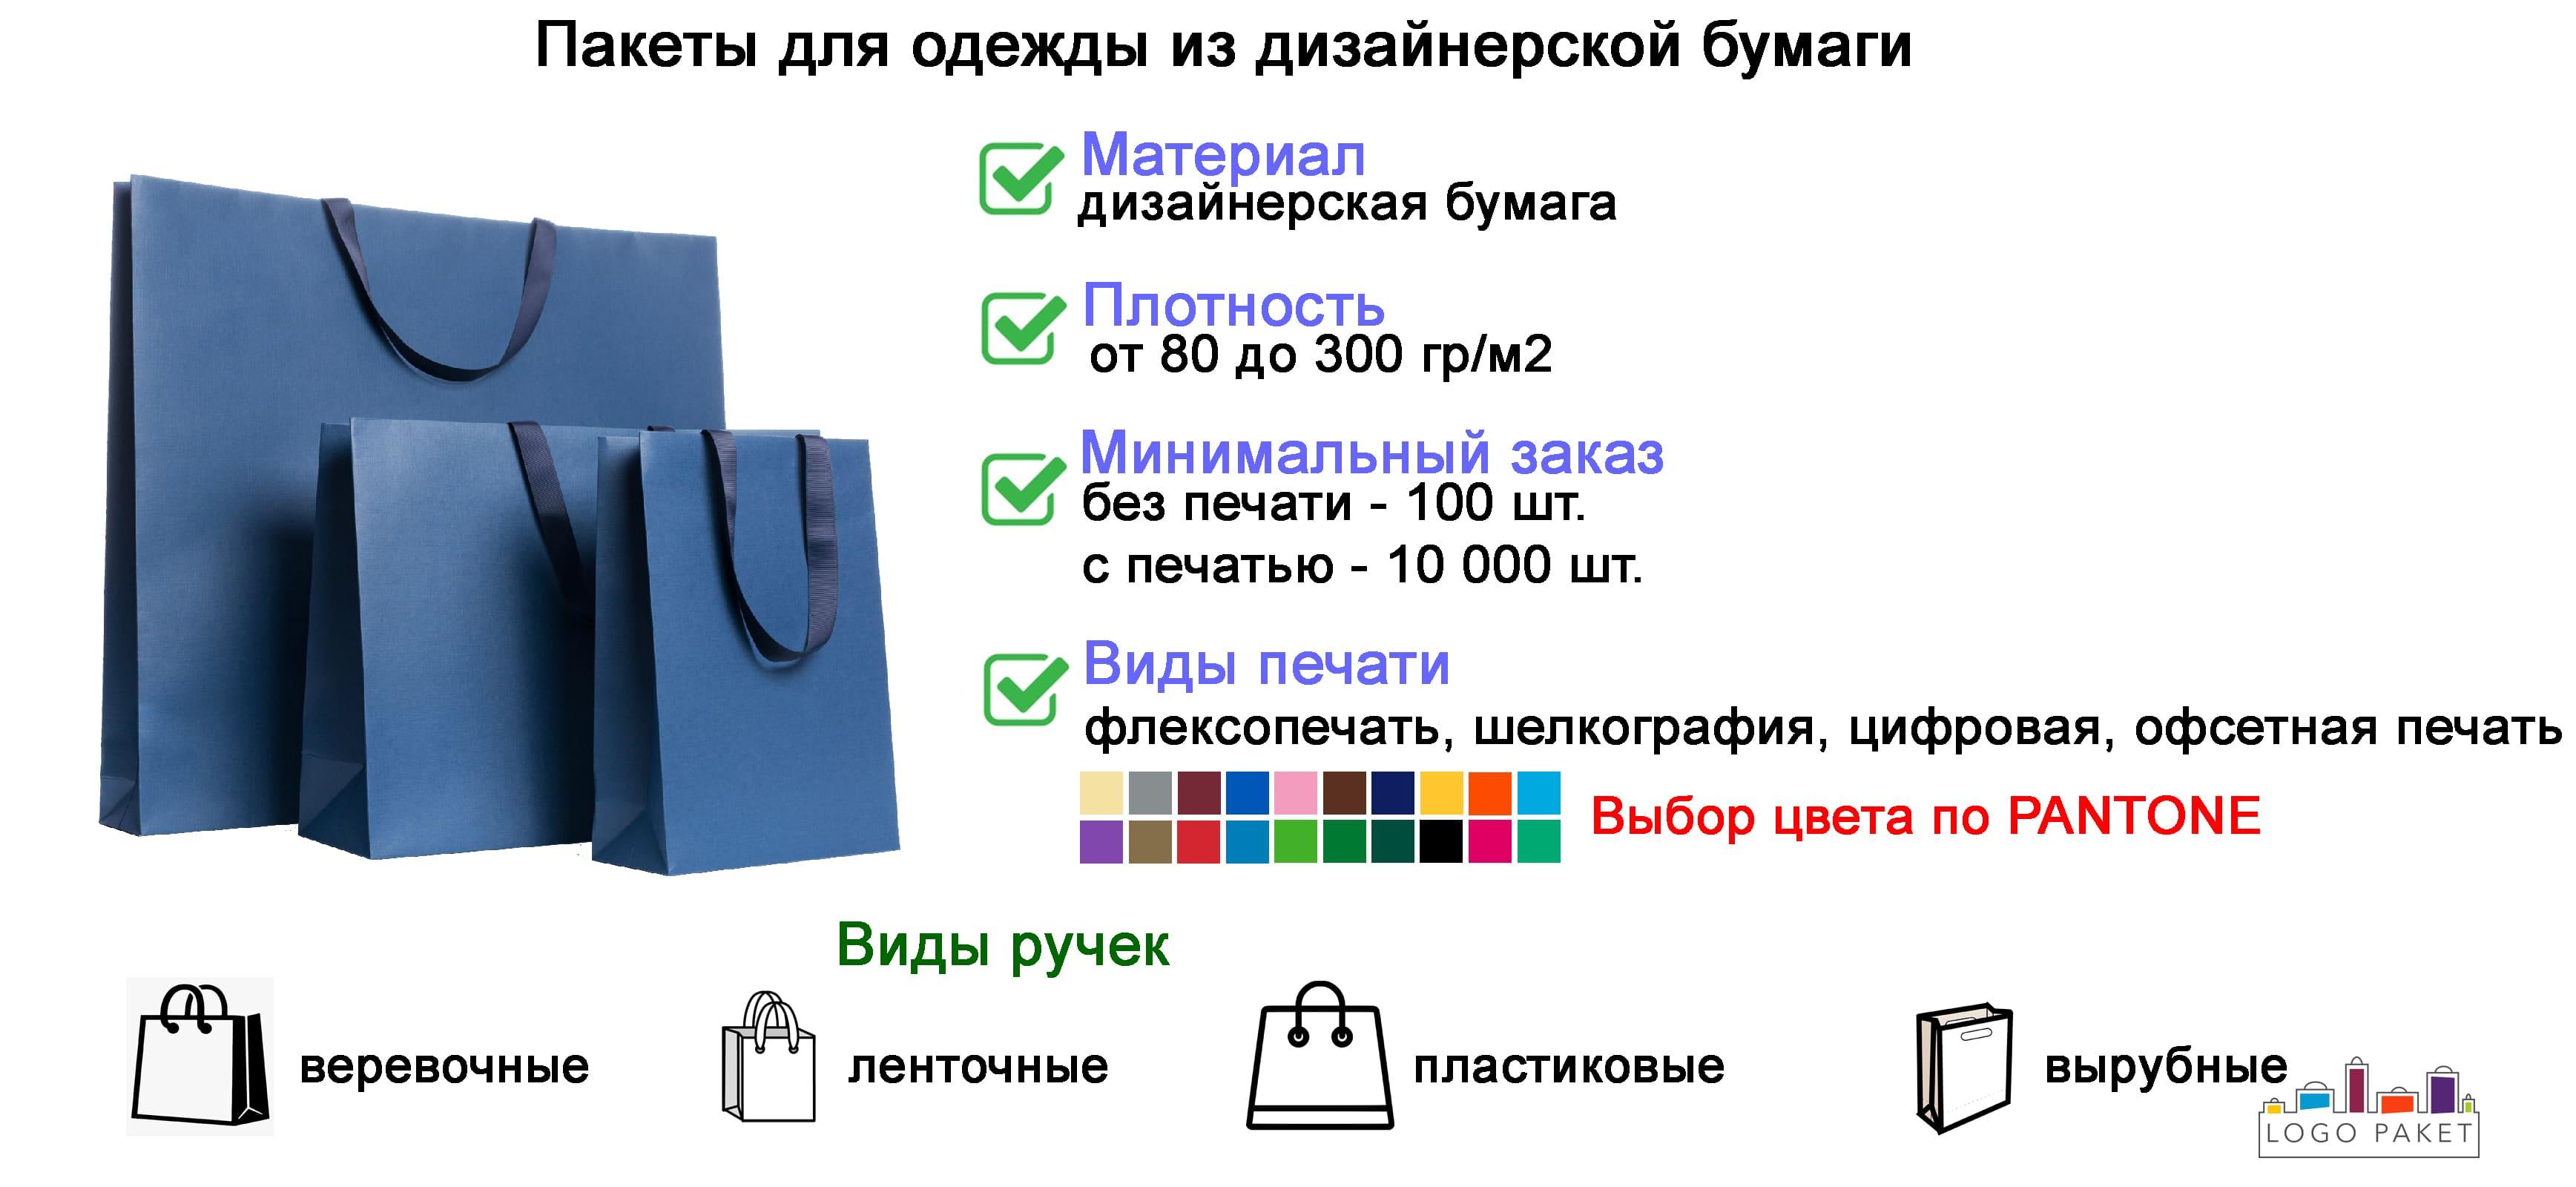 Пакеты для одежды из мелованной бумаги инфографика